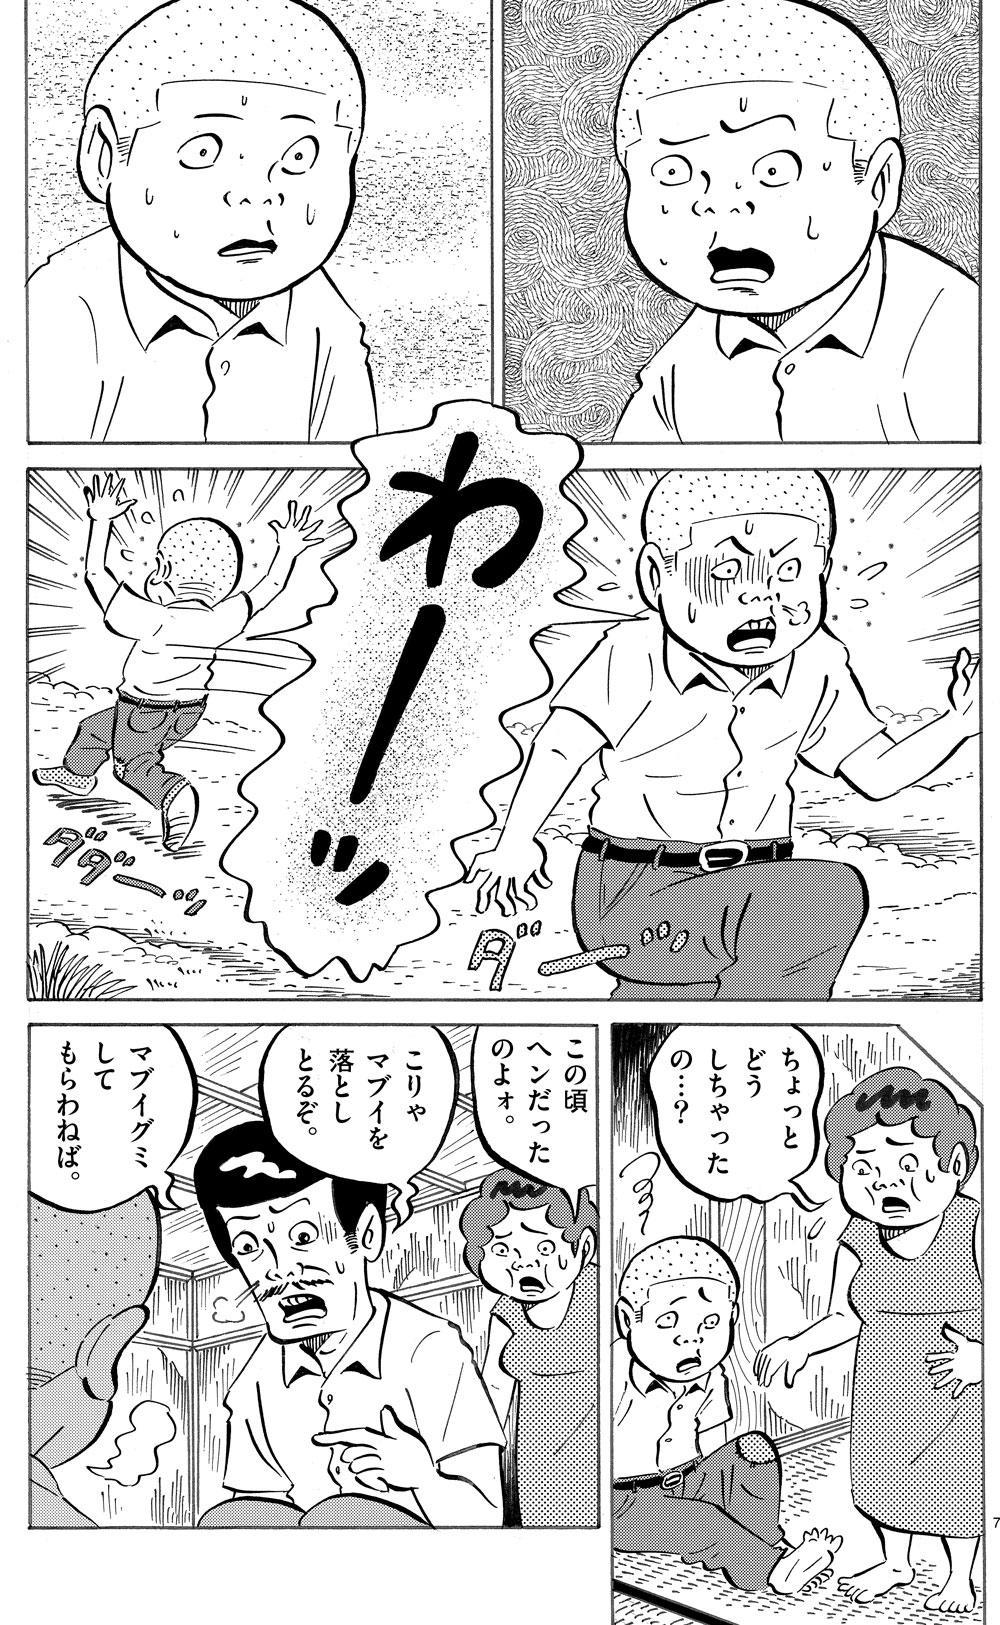 琉球怪談 【第3話】WEB掲載7ページ目画像